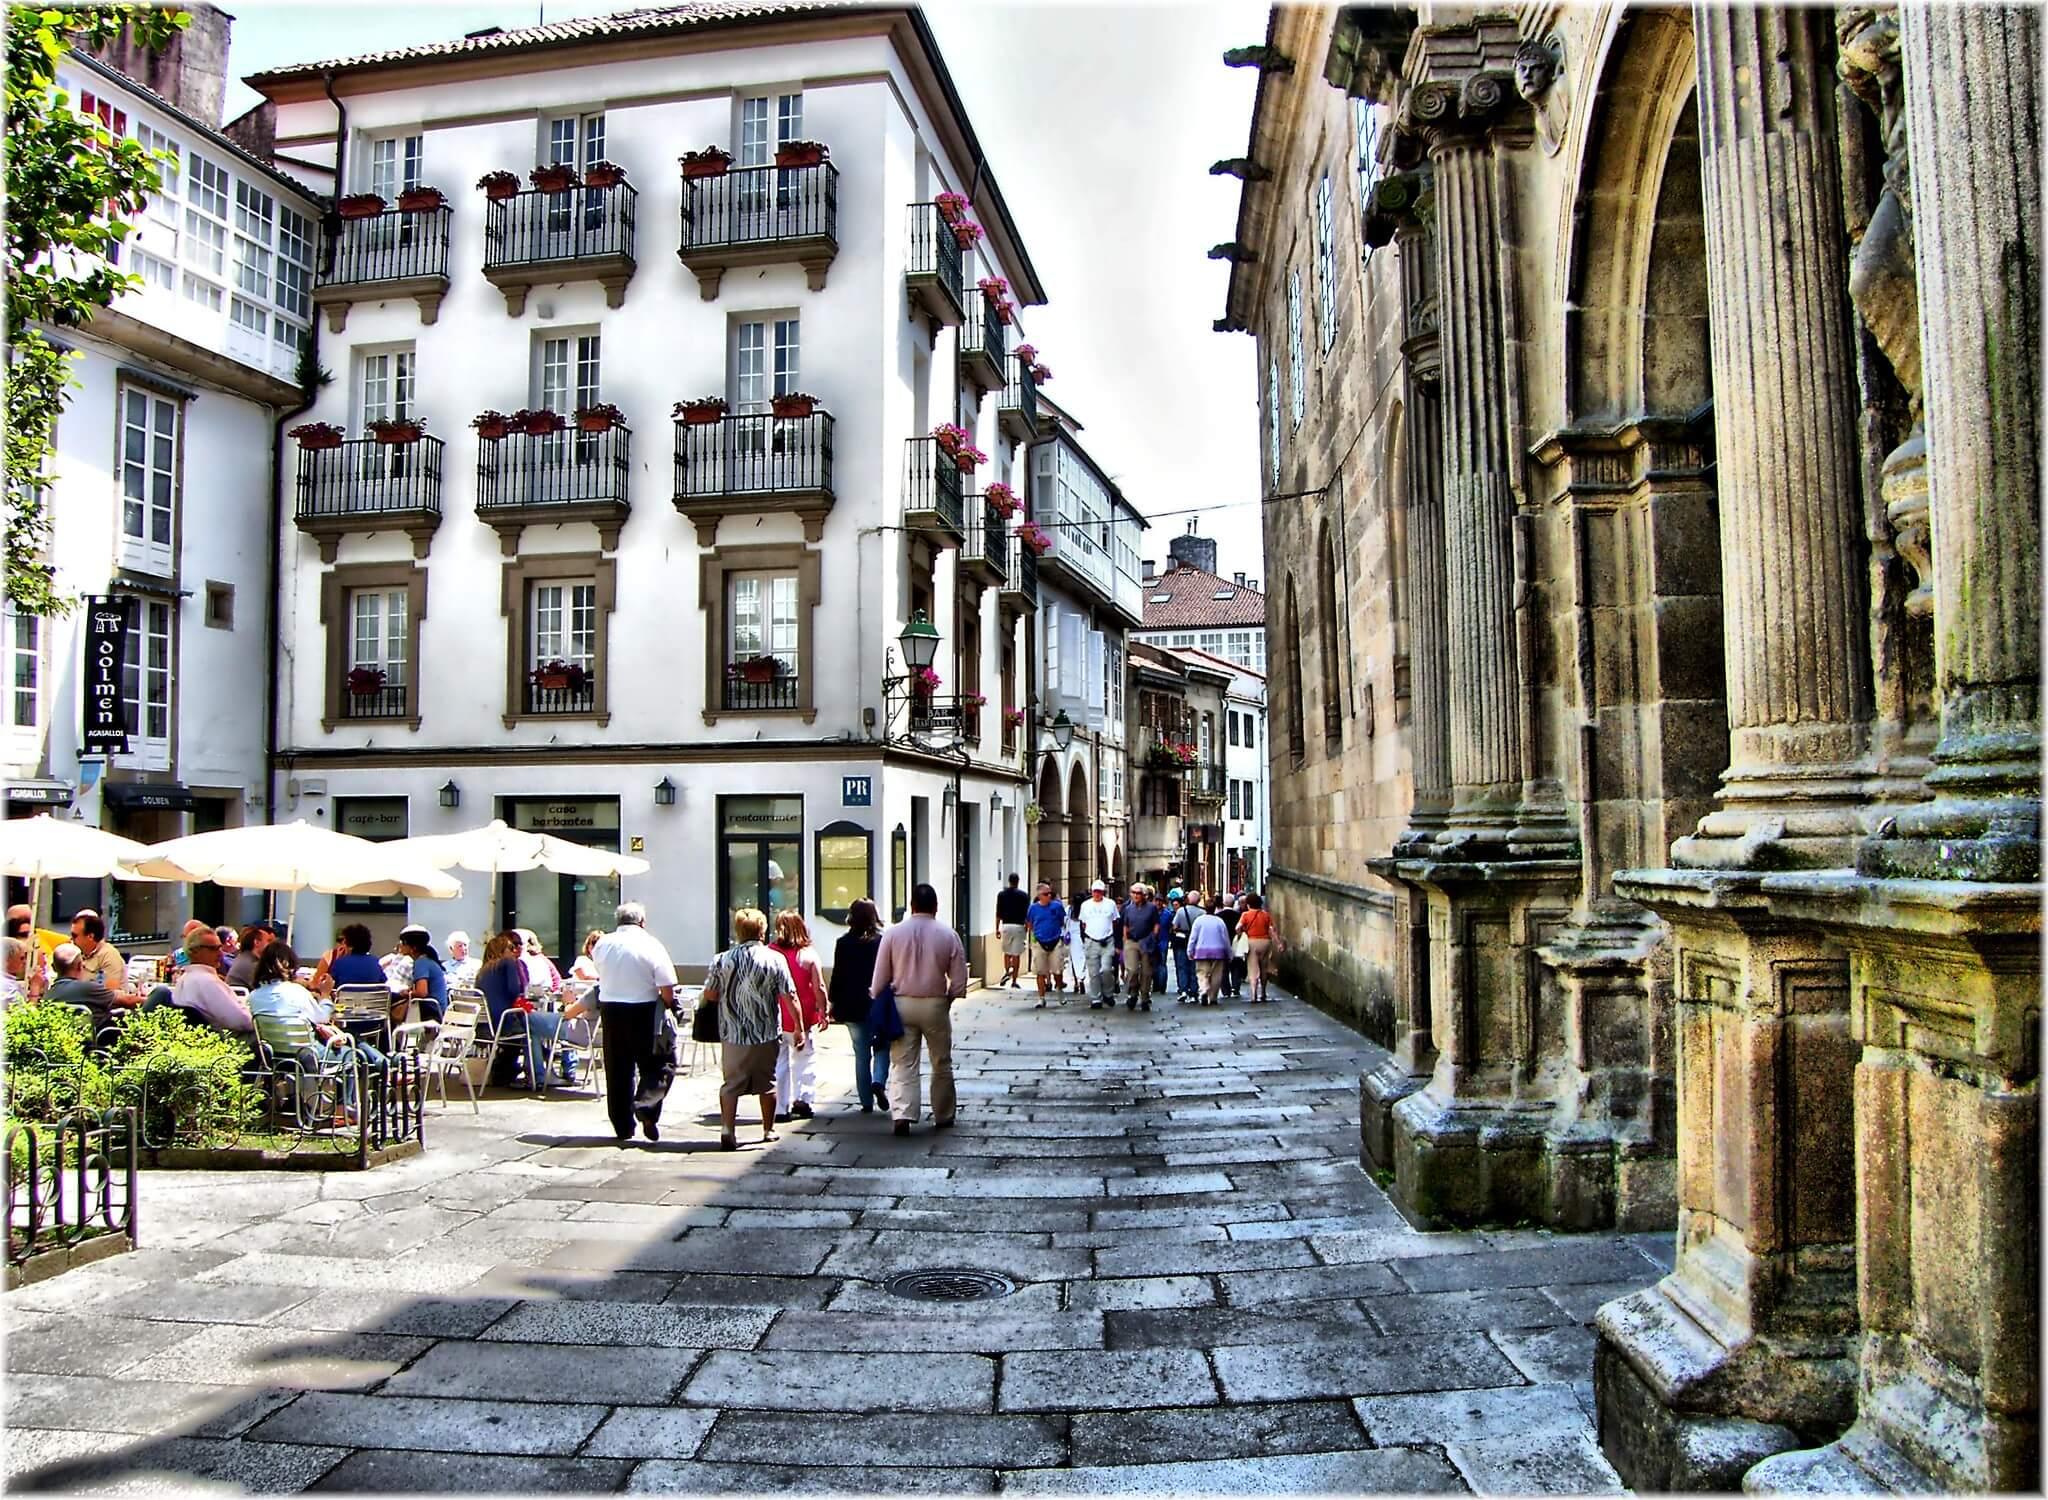 Santiago de Compostela . Fuente: Jose Luis Cernadas Iglesias